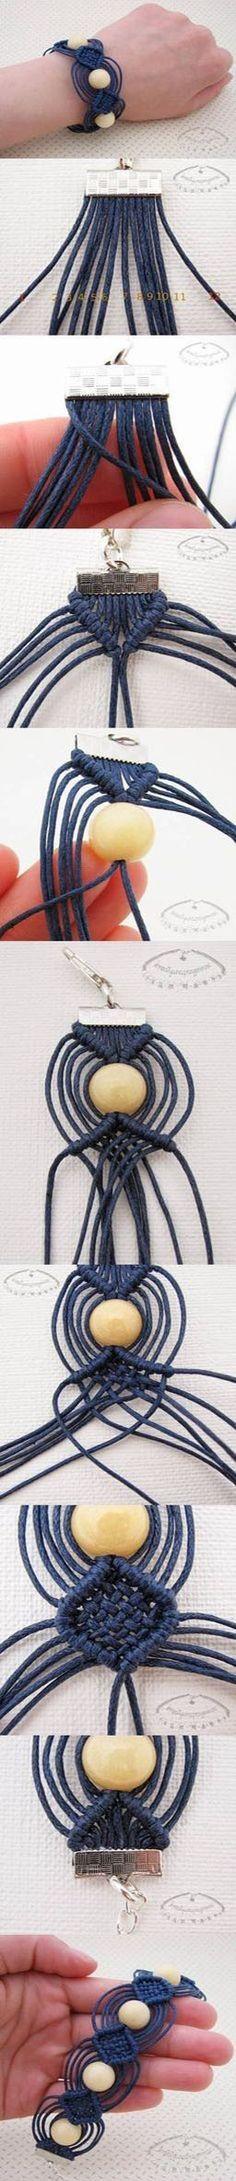 Pulsera realizada en Macramé  con cordón y esferas de madera. No hay tutorial :(   del tejido macramé.